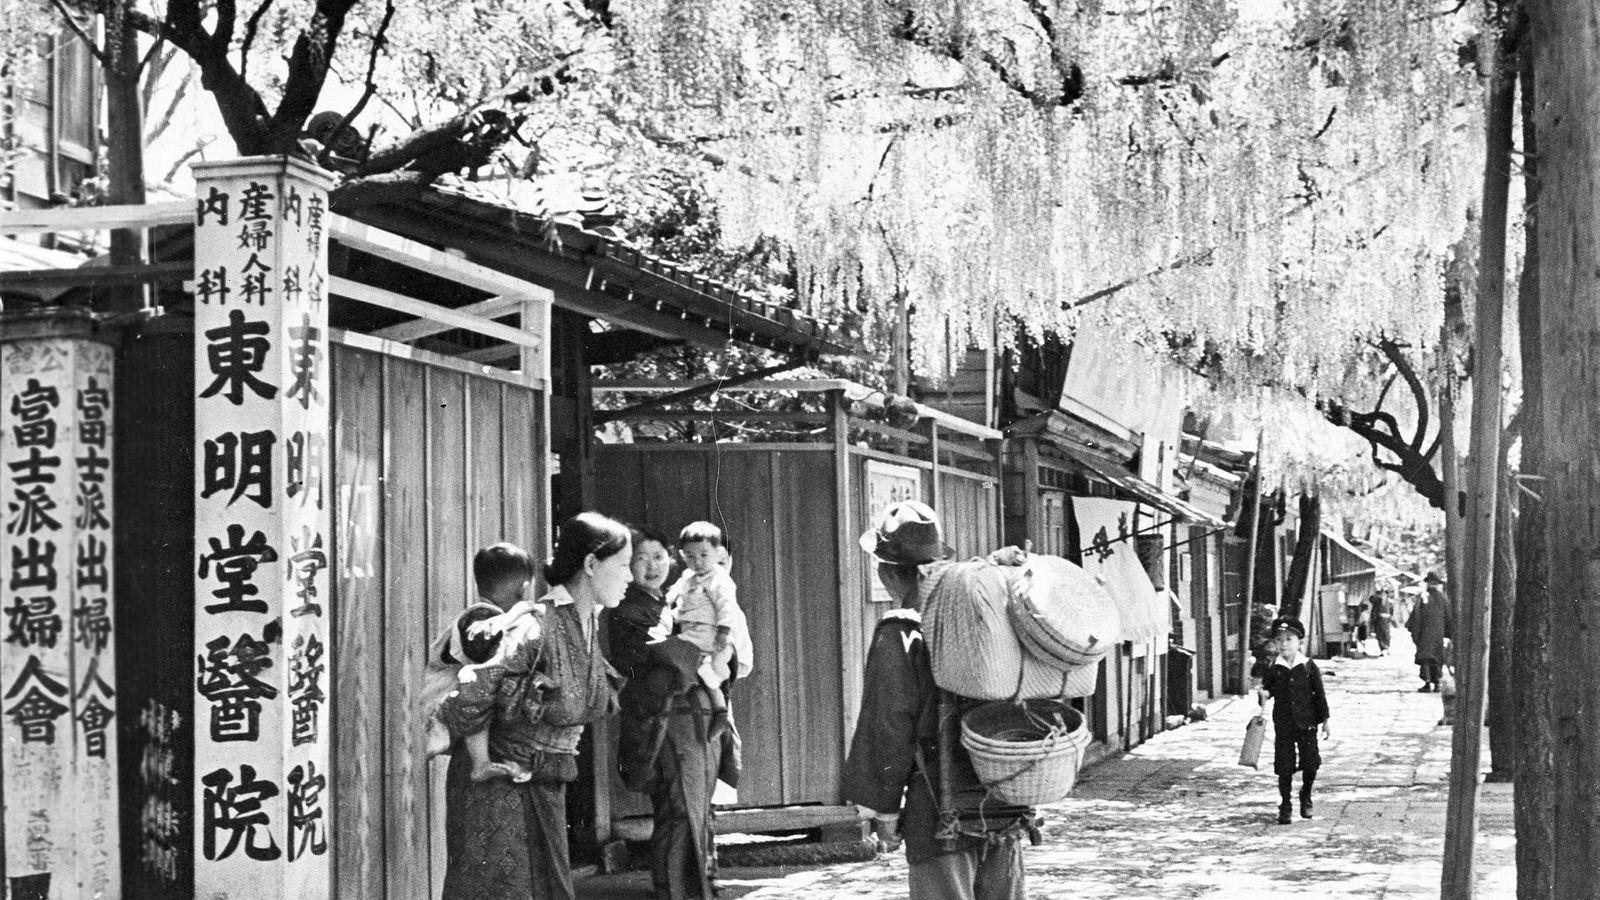 Etter USAs okkupasjon av Japan i 1945 satte amerikanerne i gang et omfattende program for omfordeling av inntekt, formue og makt mellom japanere i en skala som verden aldri før har sett. Her fra Keishagawa i Tokyo, 30. juli 1941.